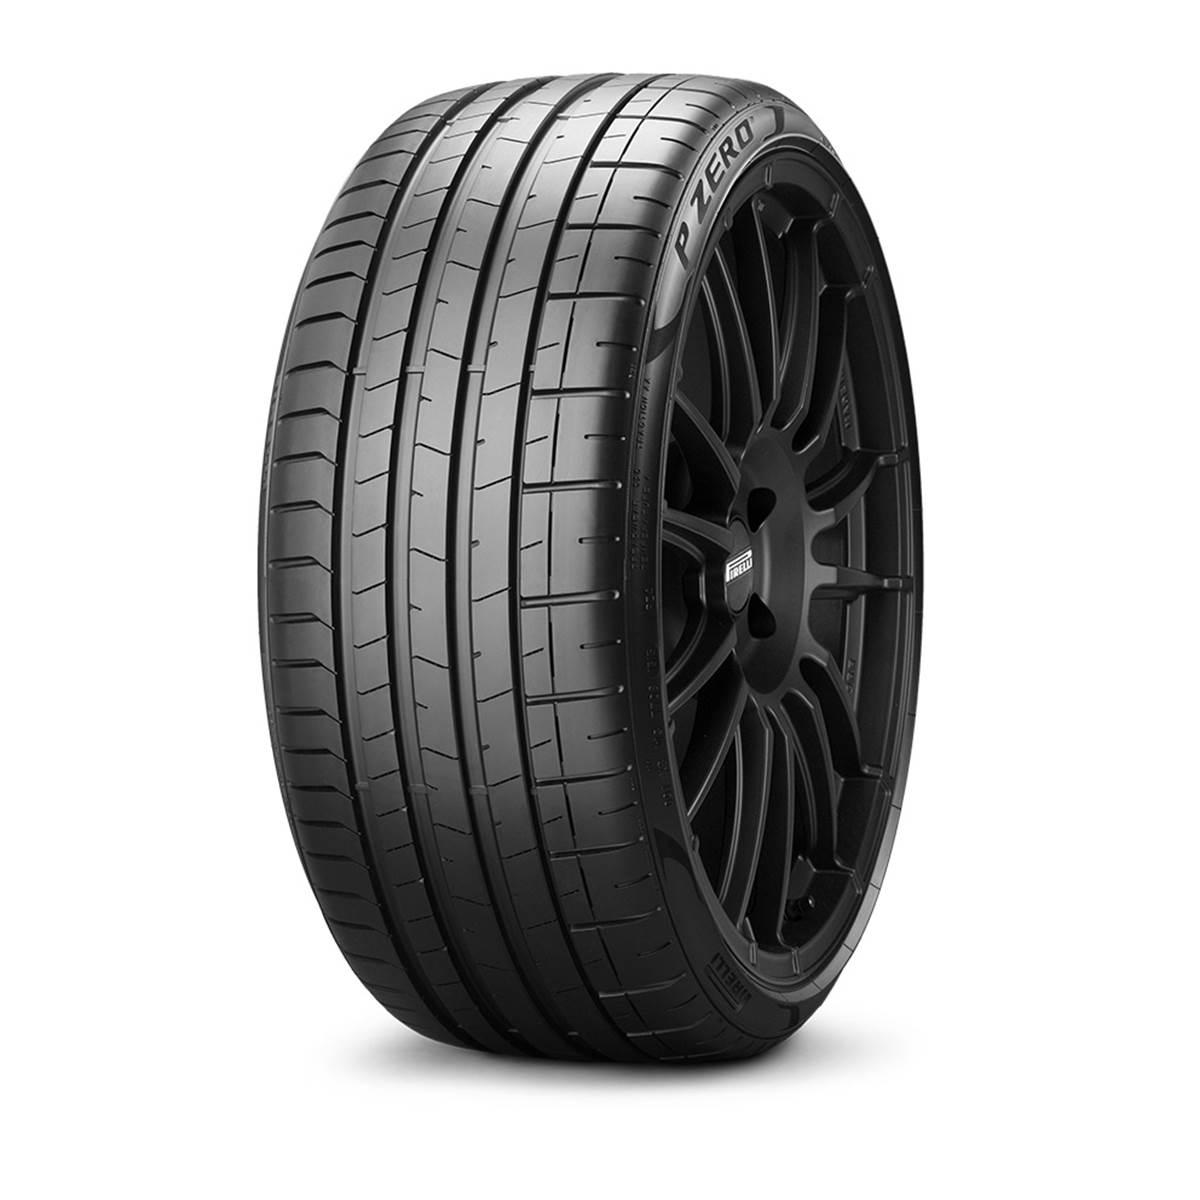 Pneu Pirelli 245/35R19 93Y P ZERO L XL